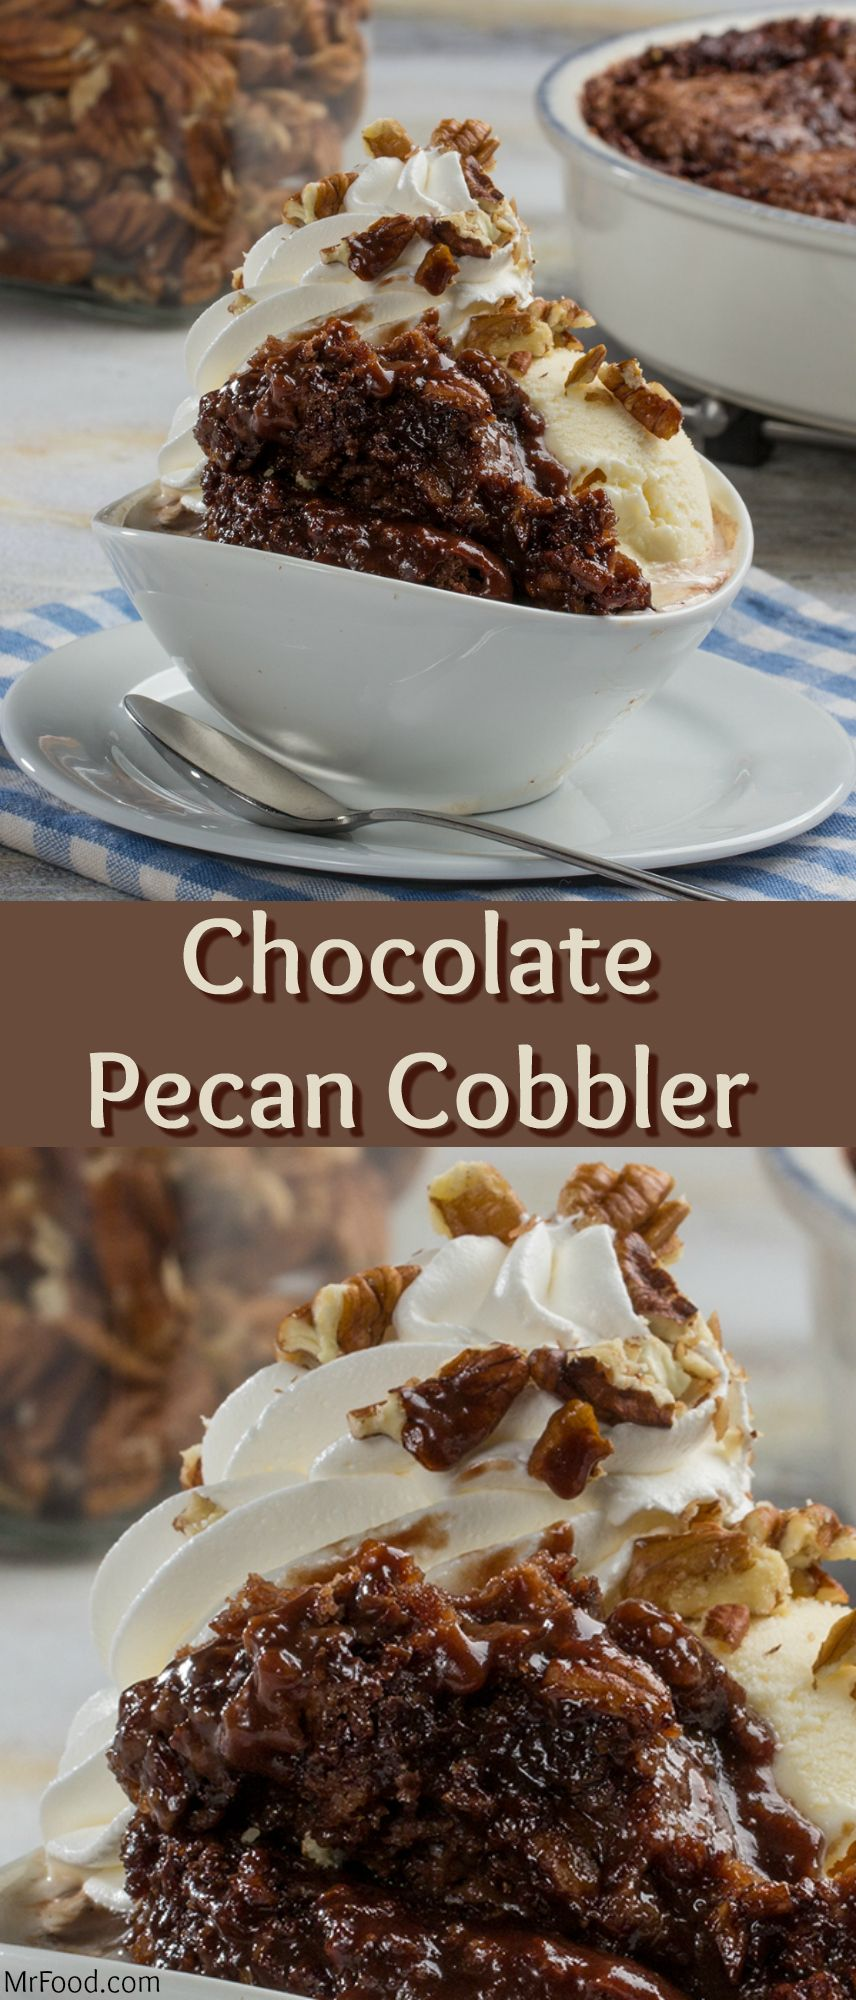 Chocolate Pecan Cobbler